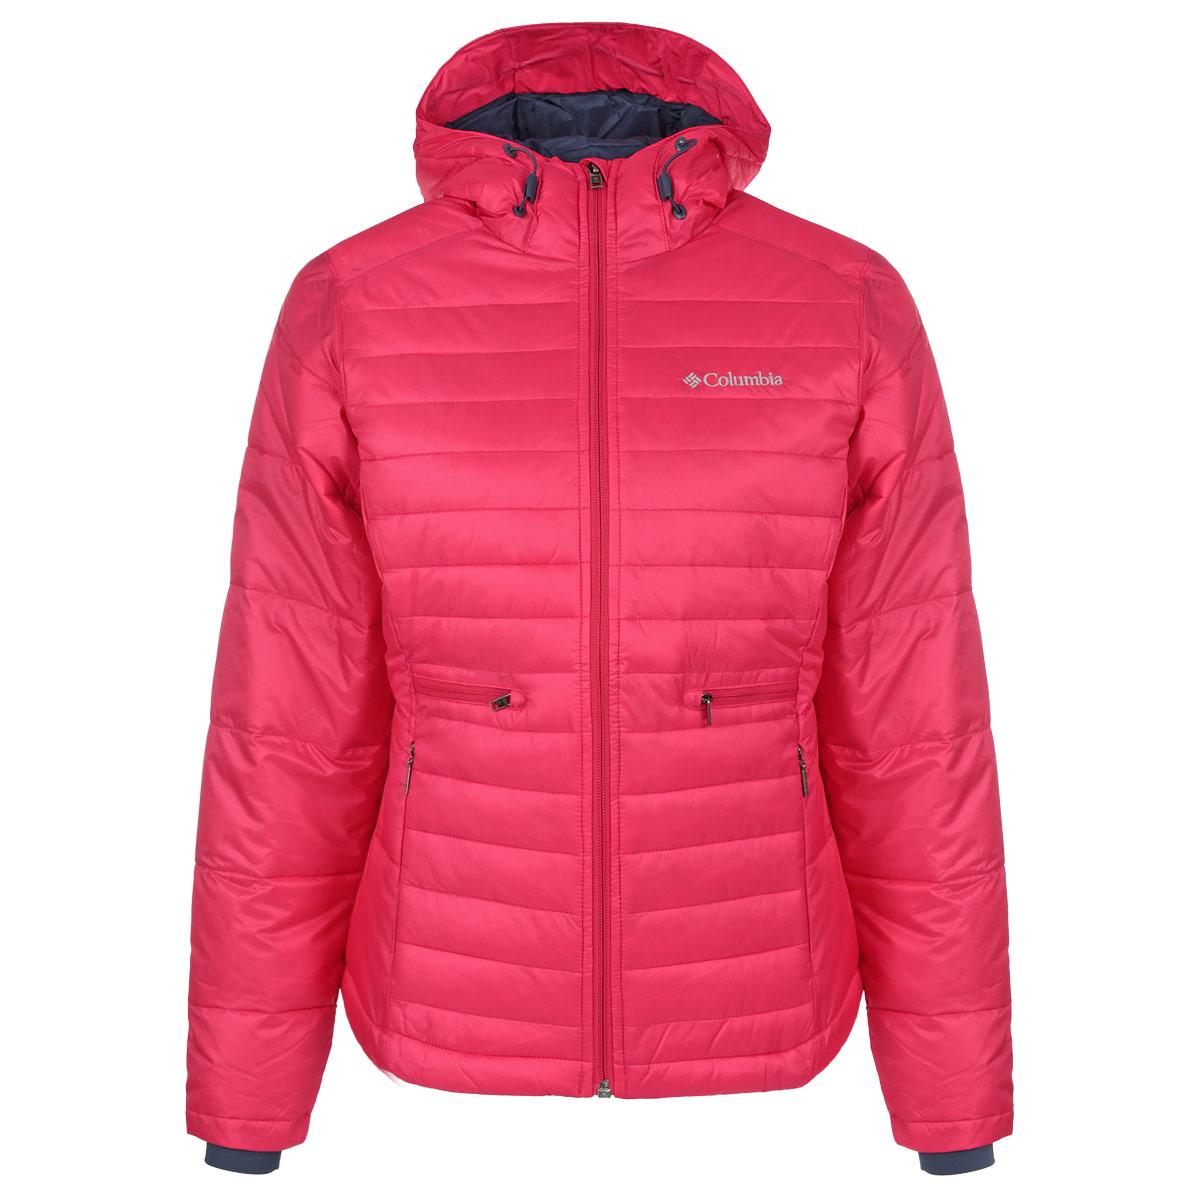 Куртка женская Powder PillowWL5437-639Великолепная женская куртка Columbia Powder Pillow с длинными рукавами и капюшоном согреет вас в прохладное время года. Куртка c водоотталкивающей пропиткой защитит вас от легкого дождя, снега и сохранит комфорт во время прогулки при температуре до -5°C. Куртка изготовлена из высококачественного материала. Модель застегивается на застежку-молнию спереди. Куртка дополнена четырьмя втачными карманами на молниях спереди, и одним внутренним карманом на липучке. Манжеты рукавов куртки оснащены мягкими эластичными вставками. Объем низа куртки и капюшона регулируется шнурками-кулисками. Эта модная и в то же время комфортная куртка - отличный вариант для прогулок, она подчеркнет ваш изысканный вкус и поможет создать неповторимый образ.